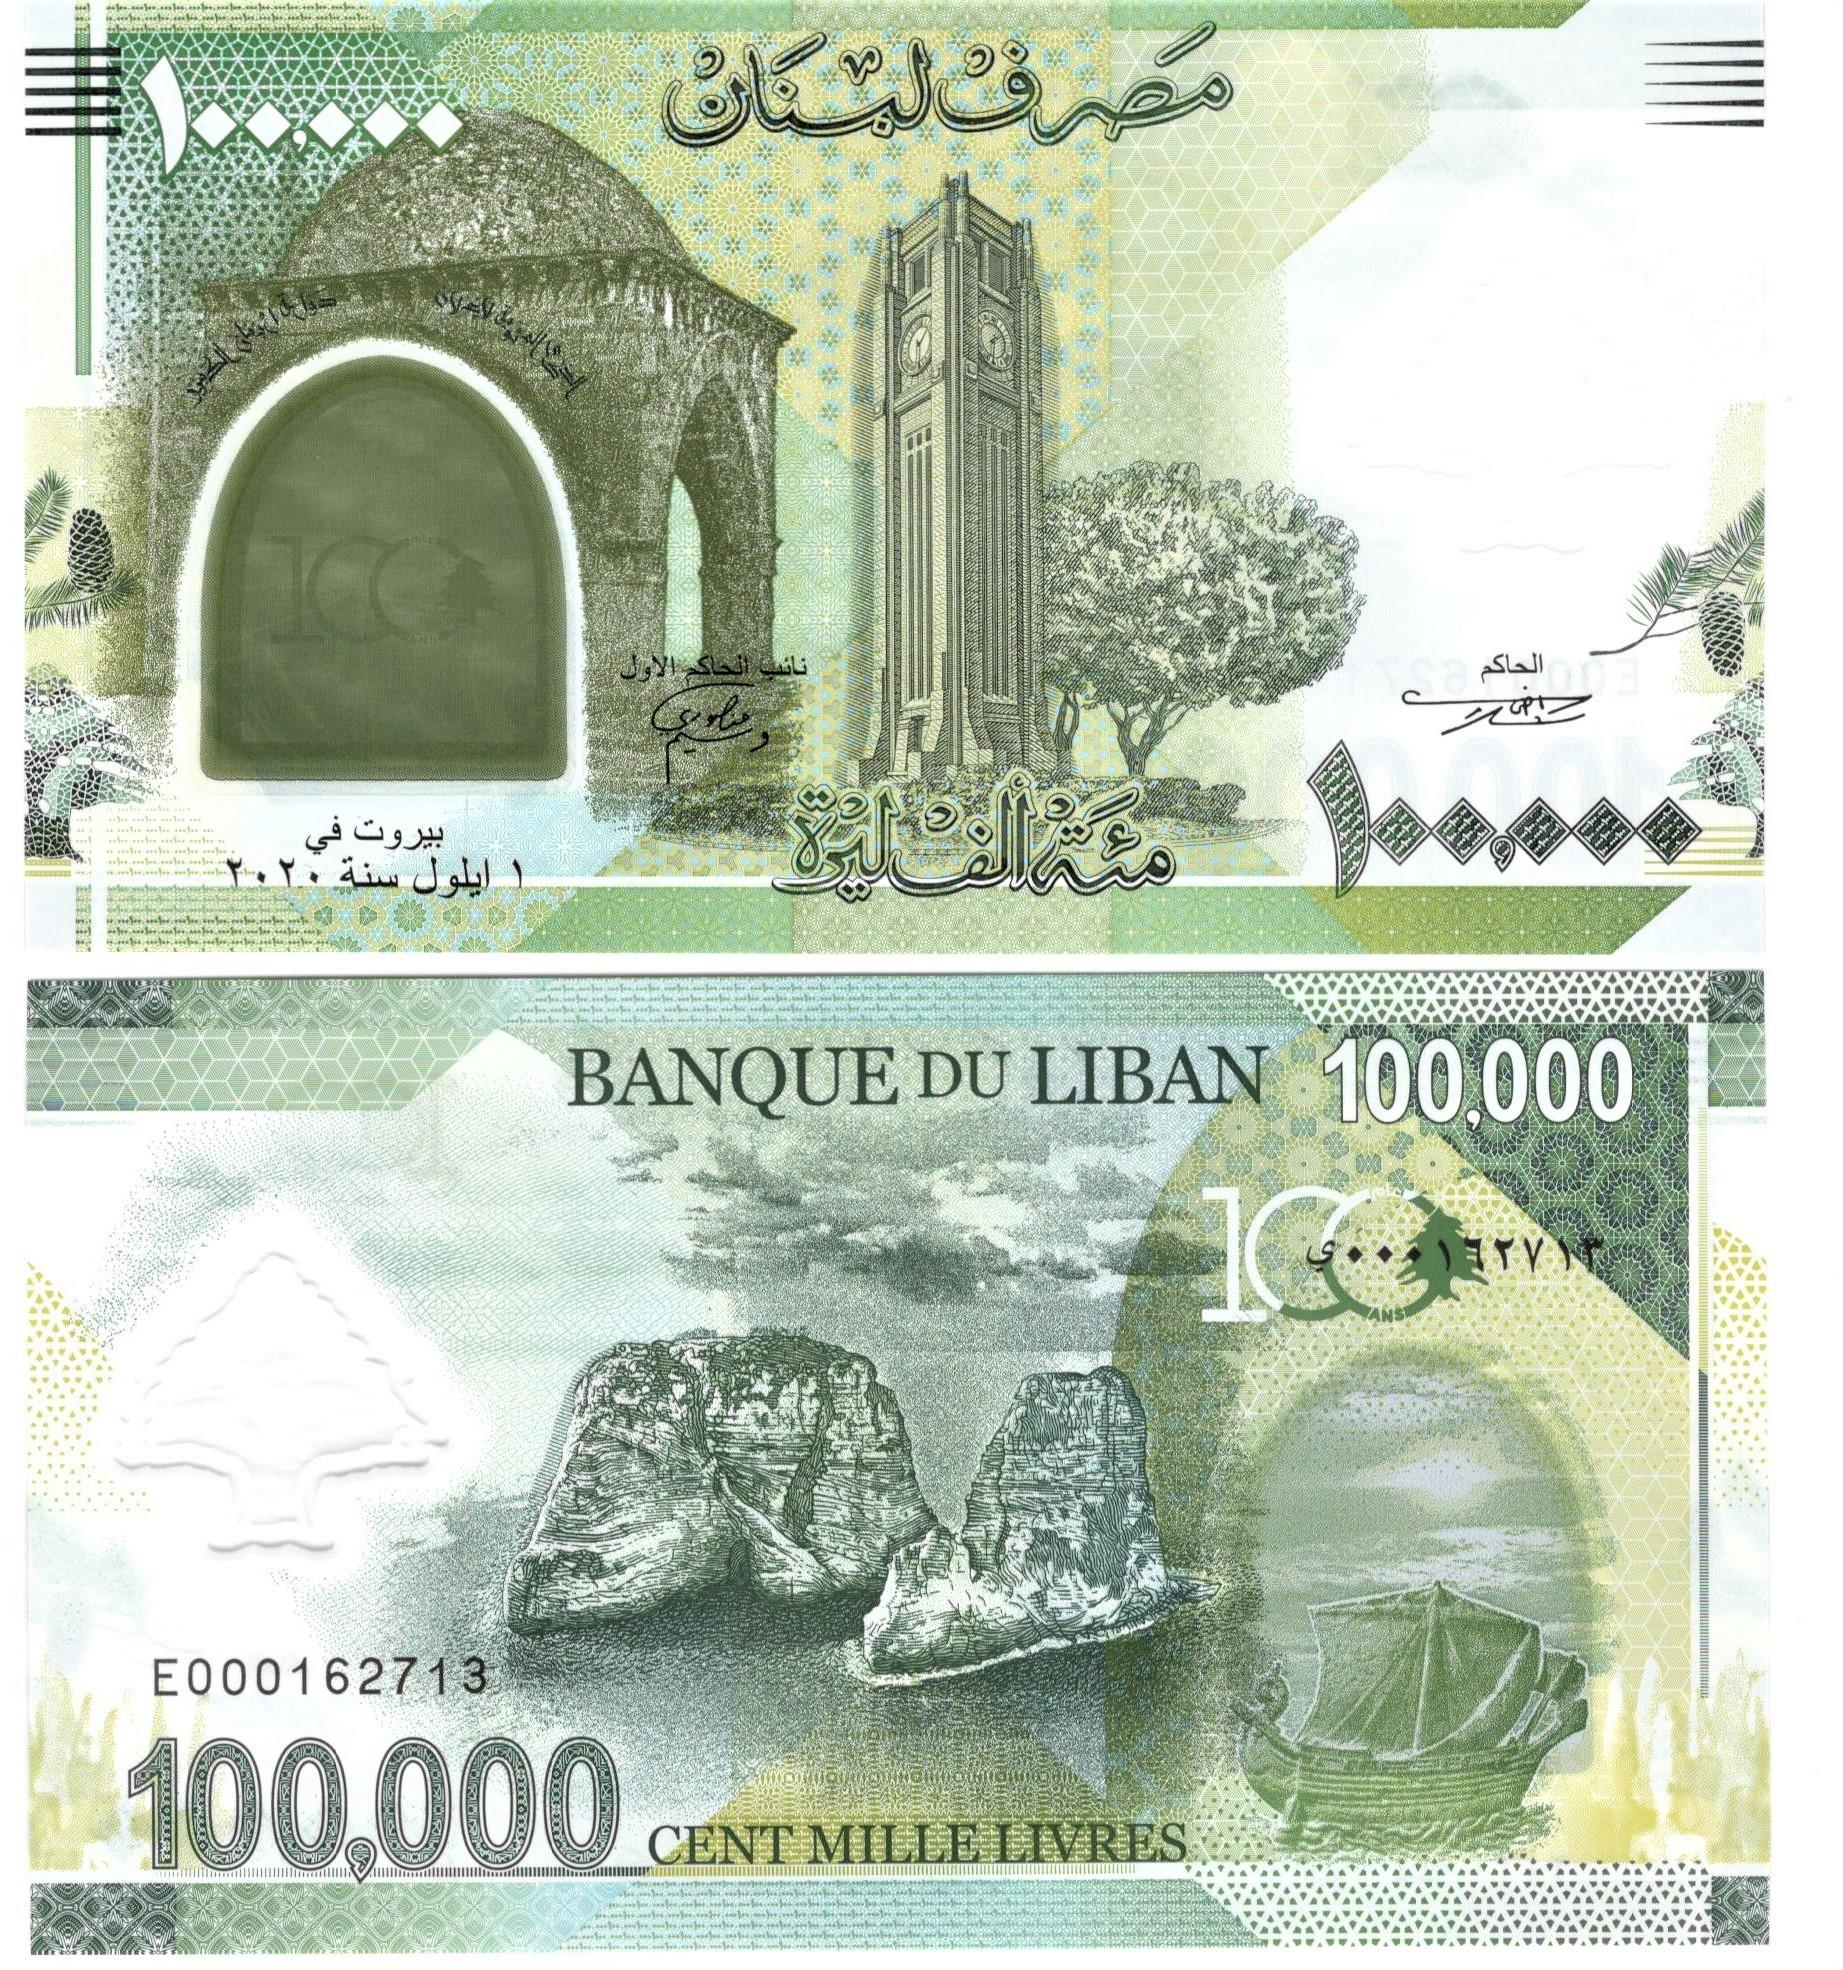 LIBANON - 100,000 LIVRES -2020- P-NEW - полимер UNC